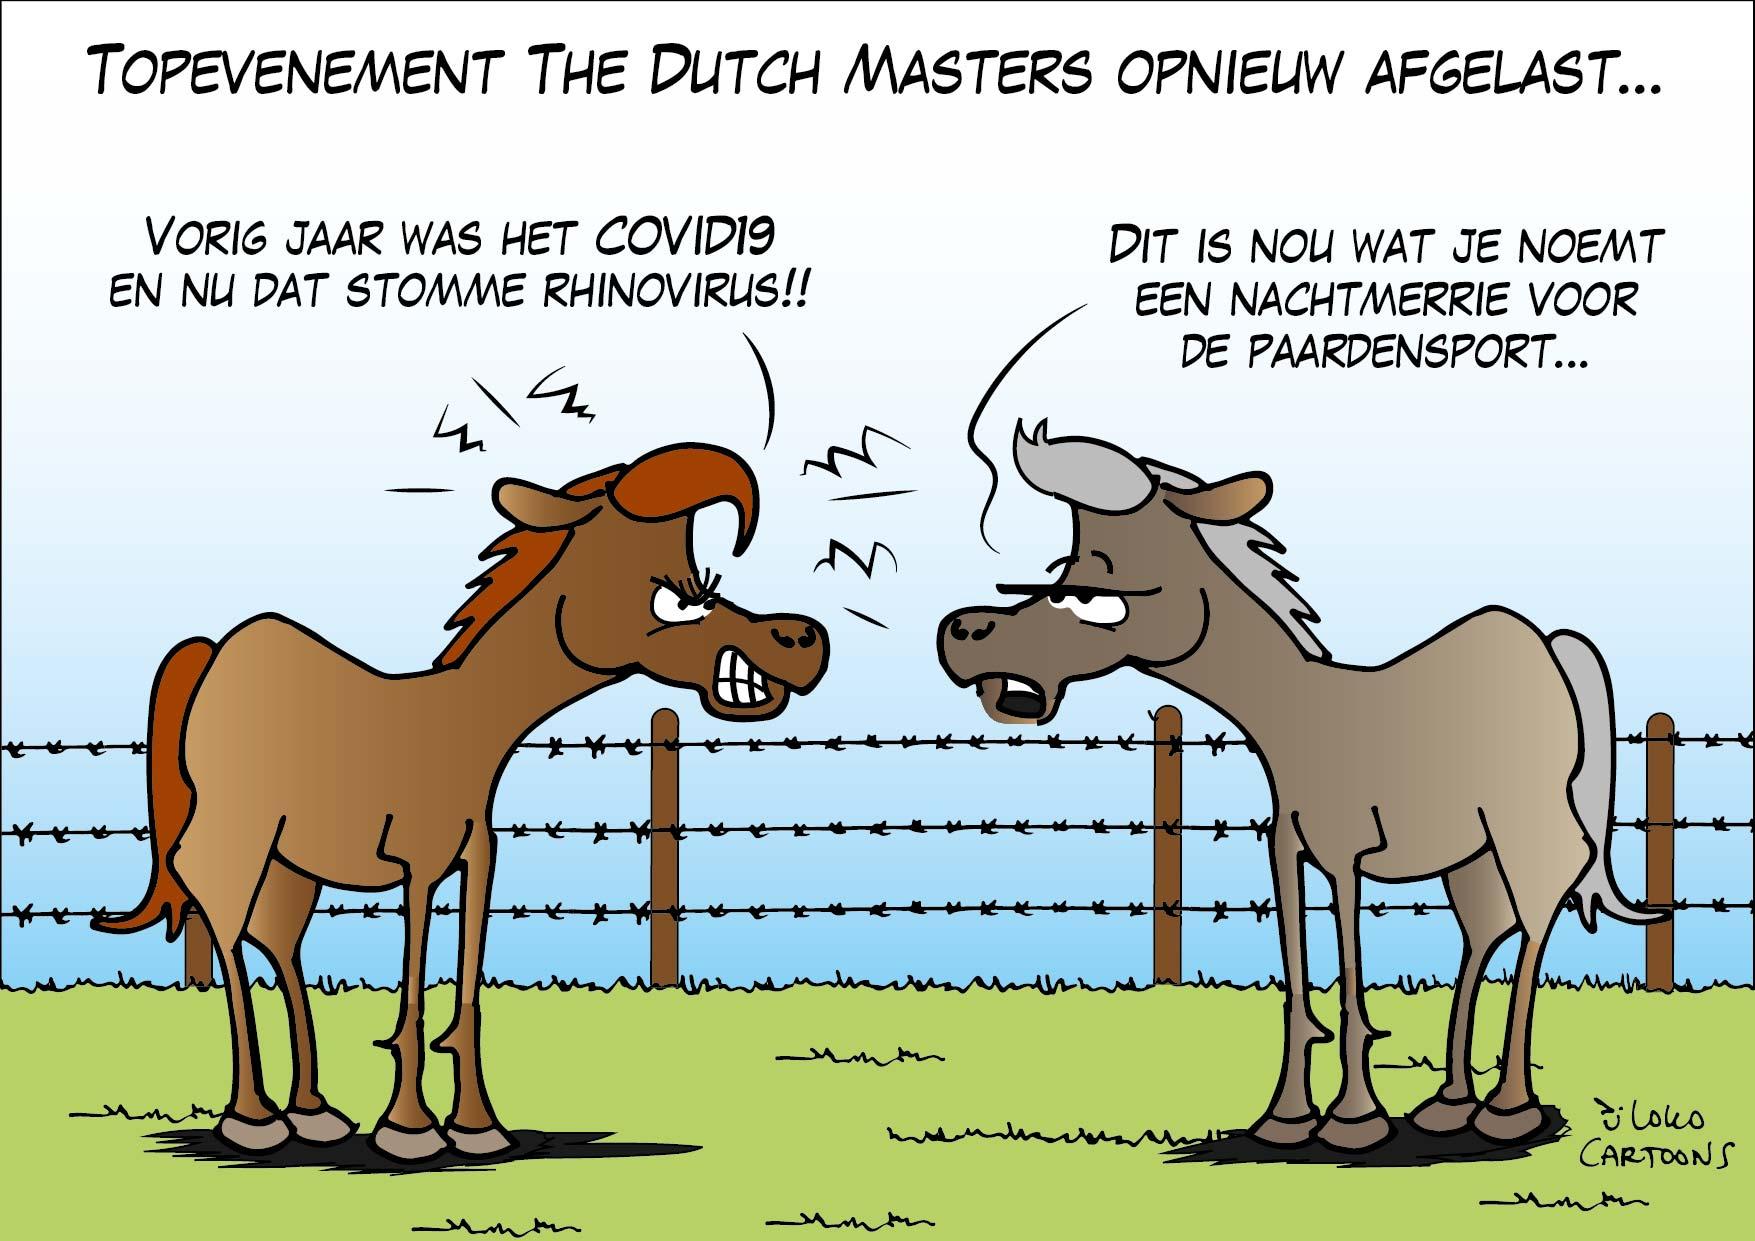 Topevenement The Dutch Masters opnieuw afgelast